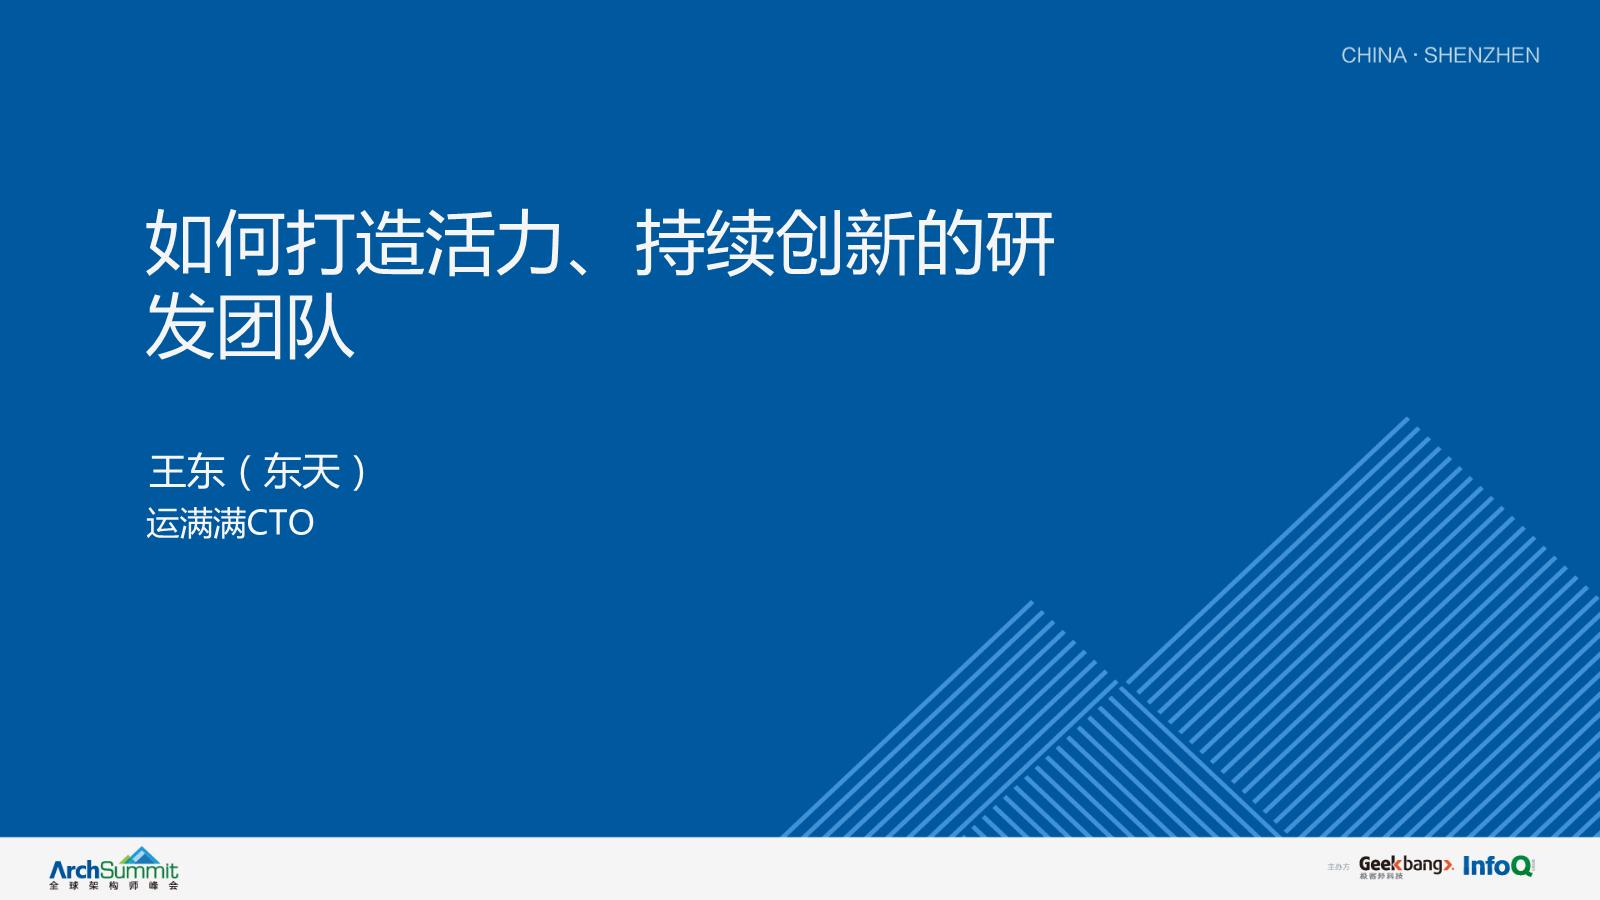 王东-如何打造活力、持续创新的研发团队